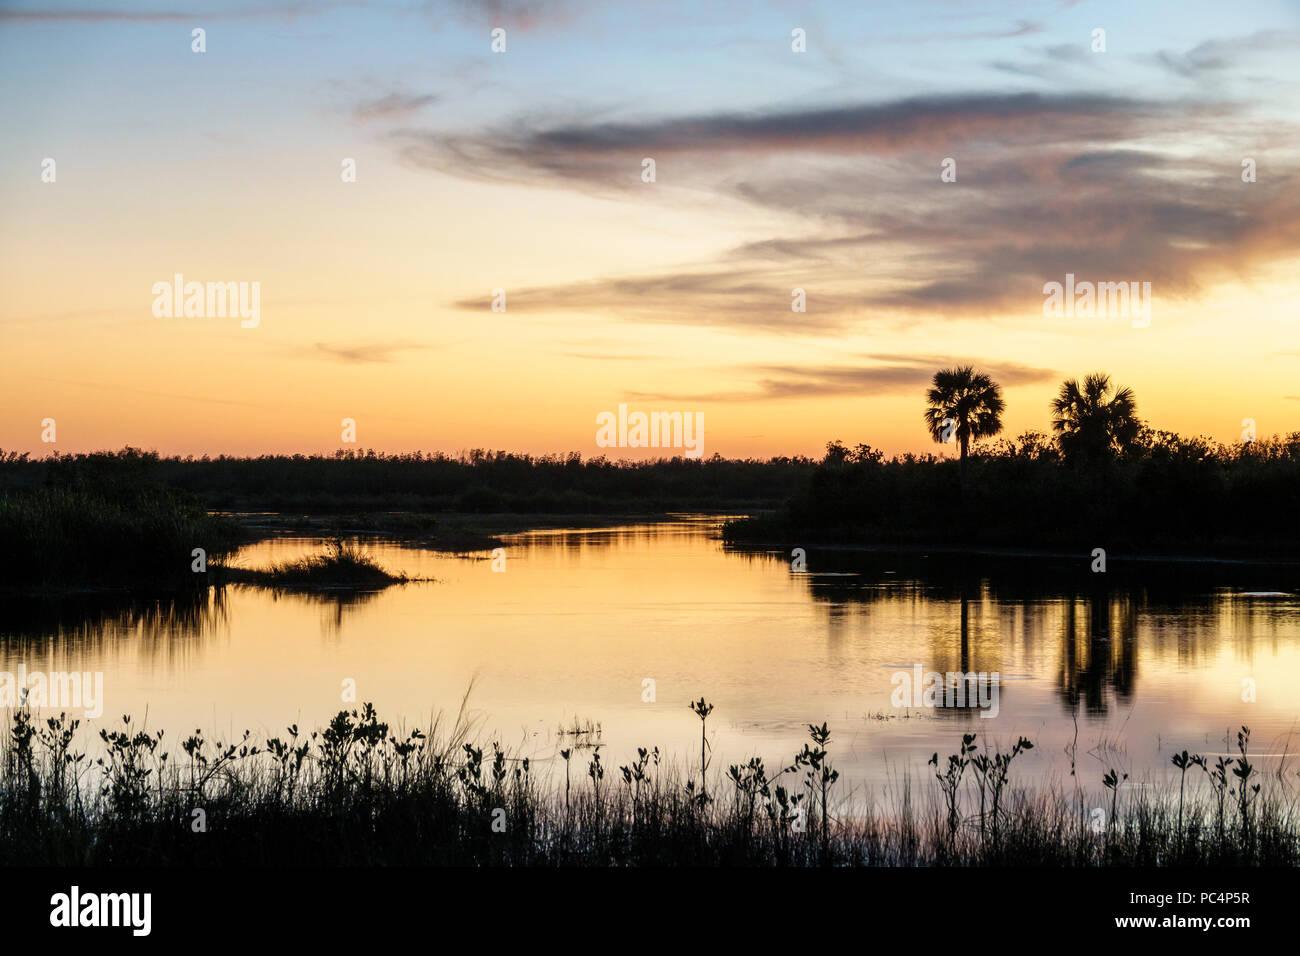 Naples Florida Everglades Fakahatchee Strand State Preserve coucher crépuscule eau douce orange des prairies marneuses de l'eau teinte Photo Stock